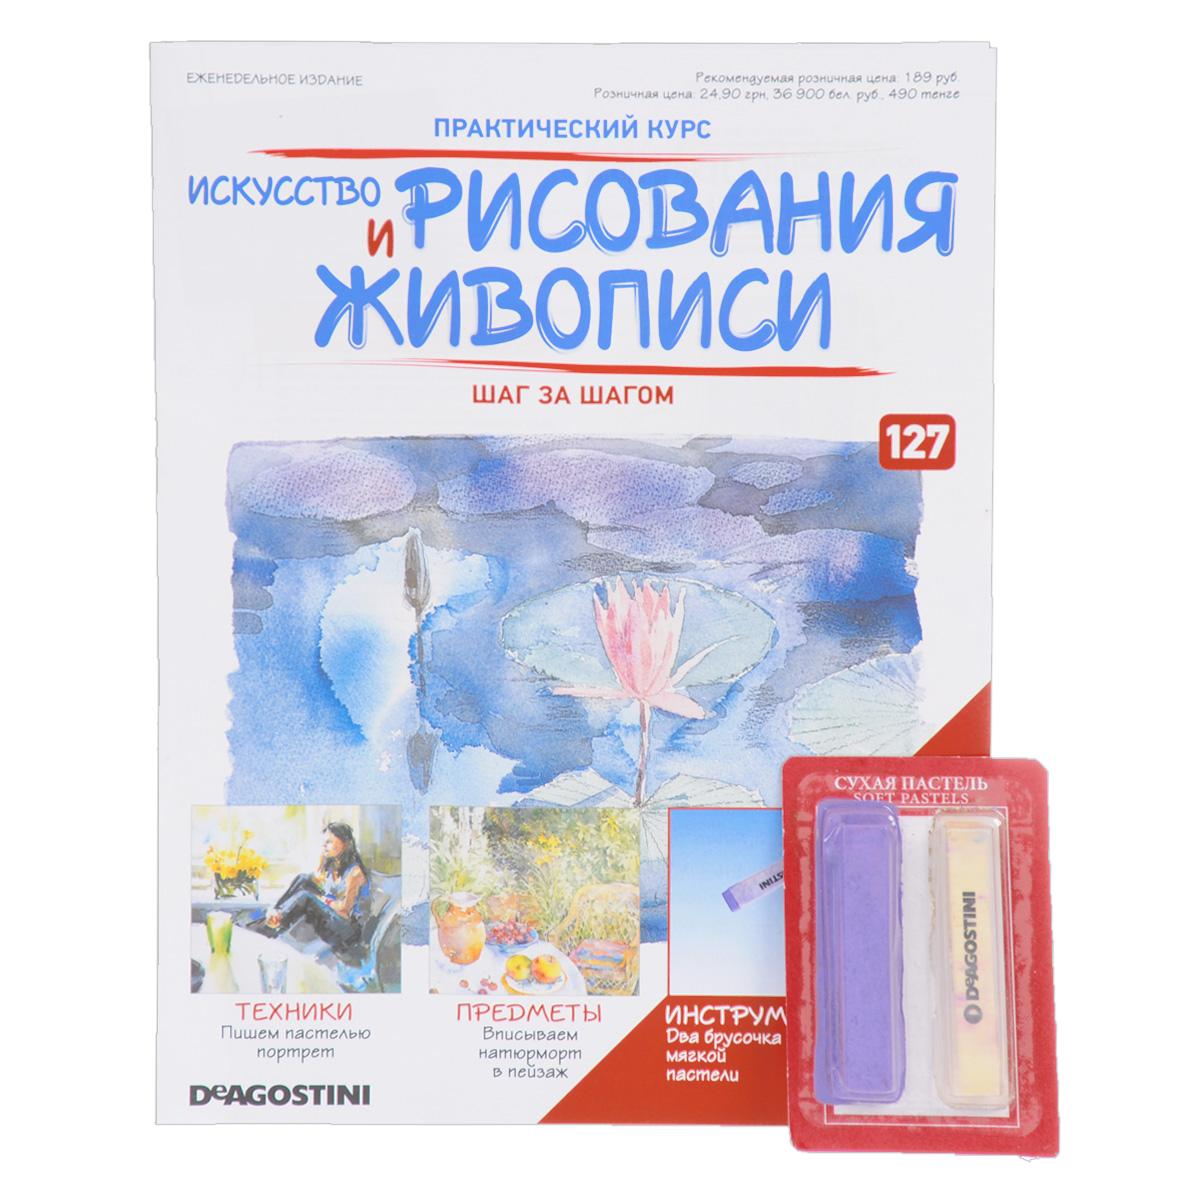 Журнал  Искусство рисования и живописи №127 все мандалы мира шаблоны для рисования и расшифровка тайных символов